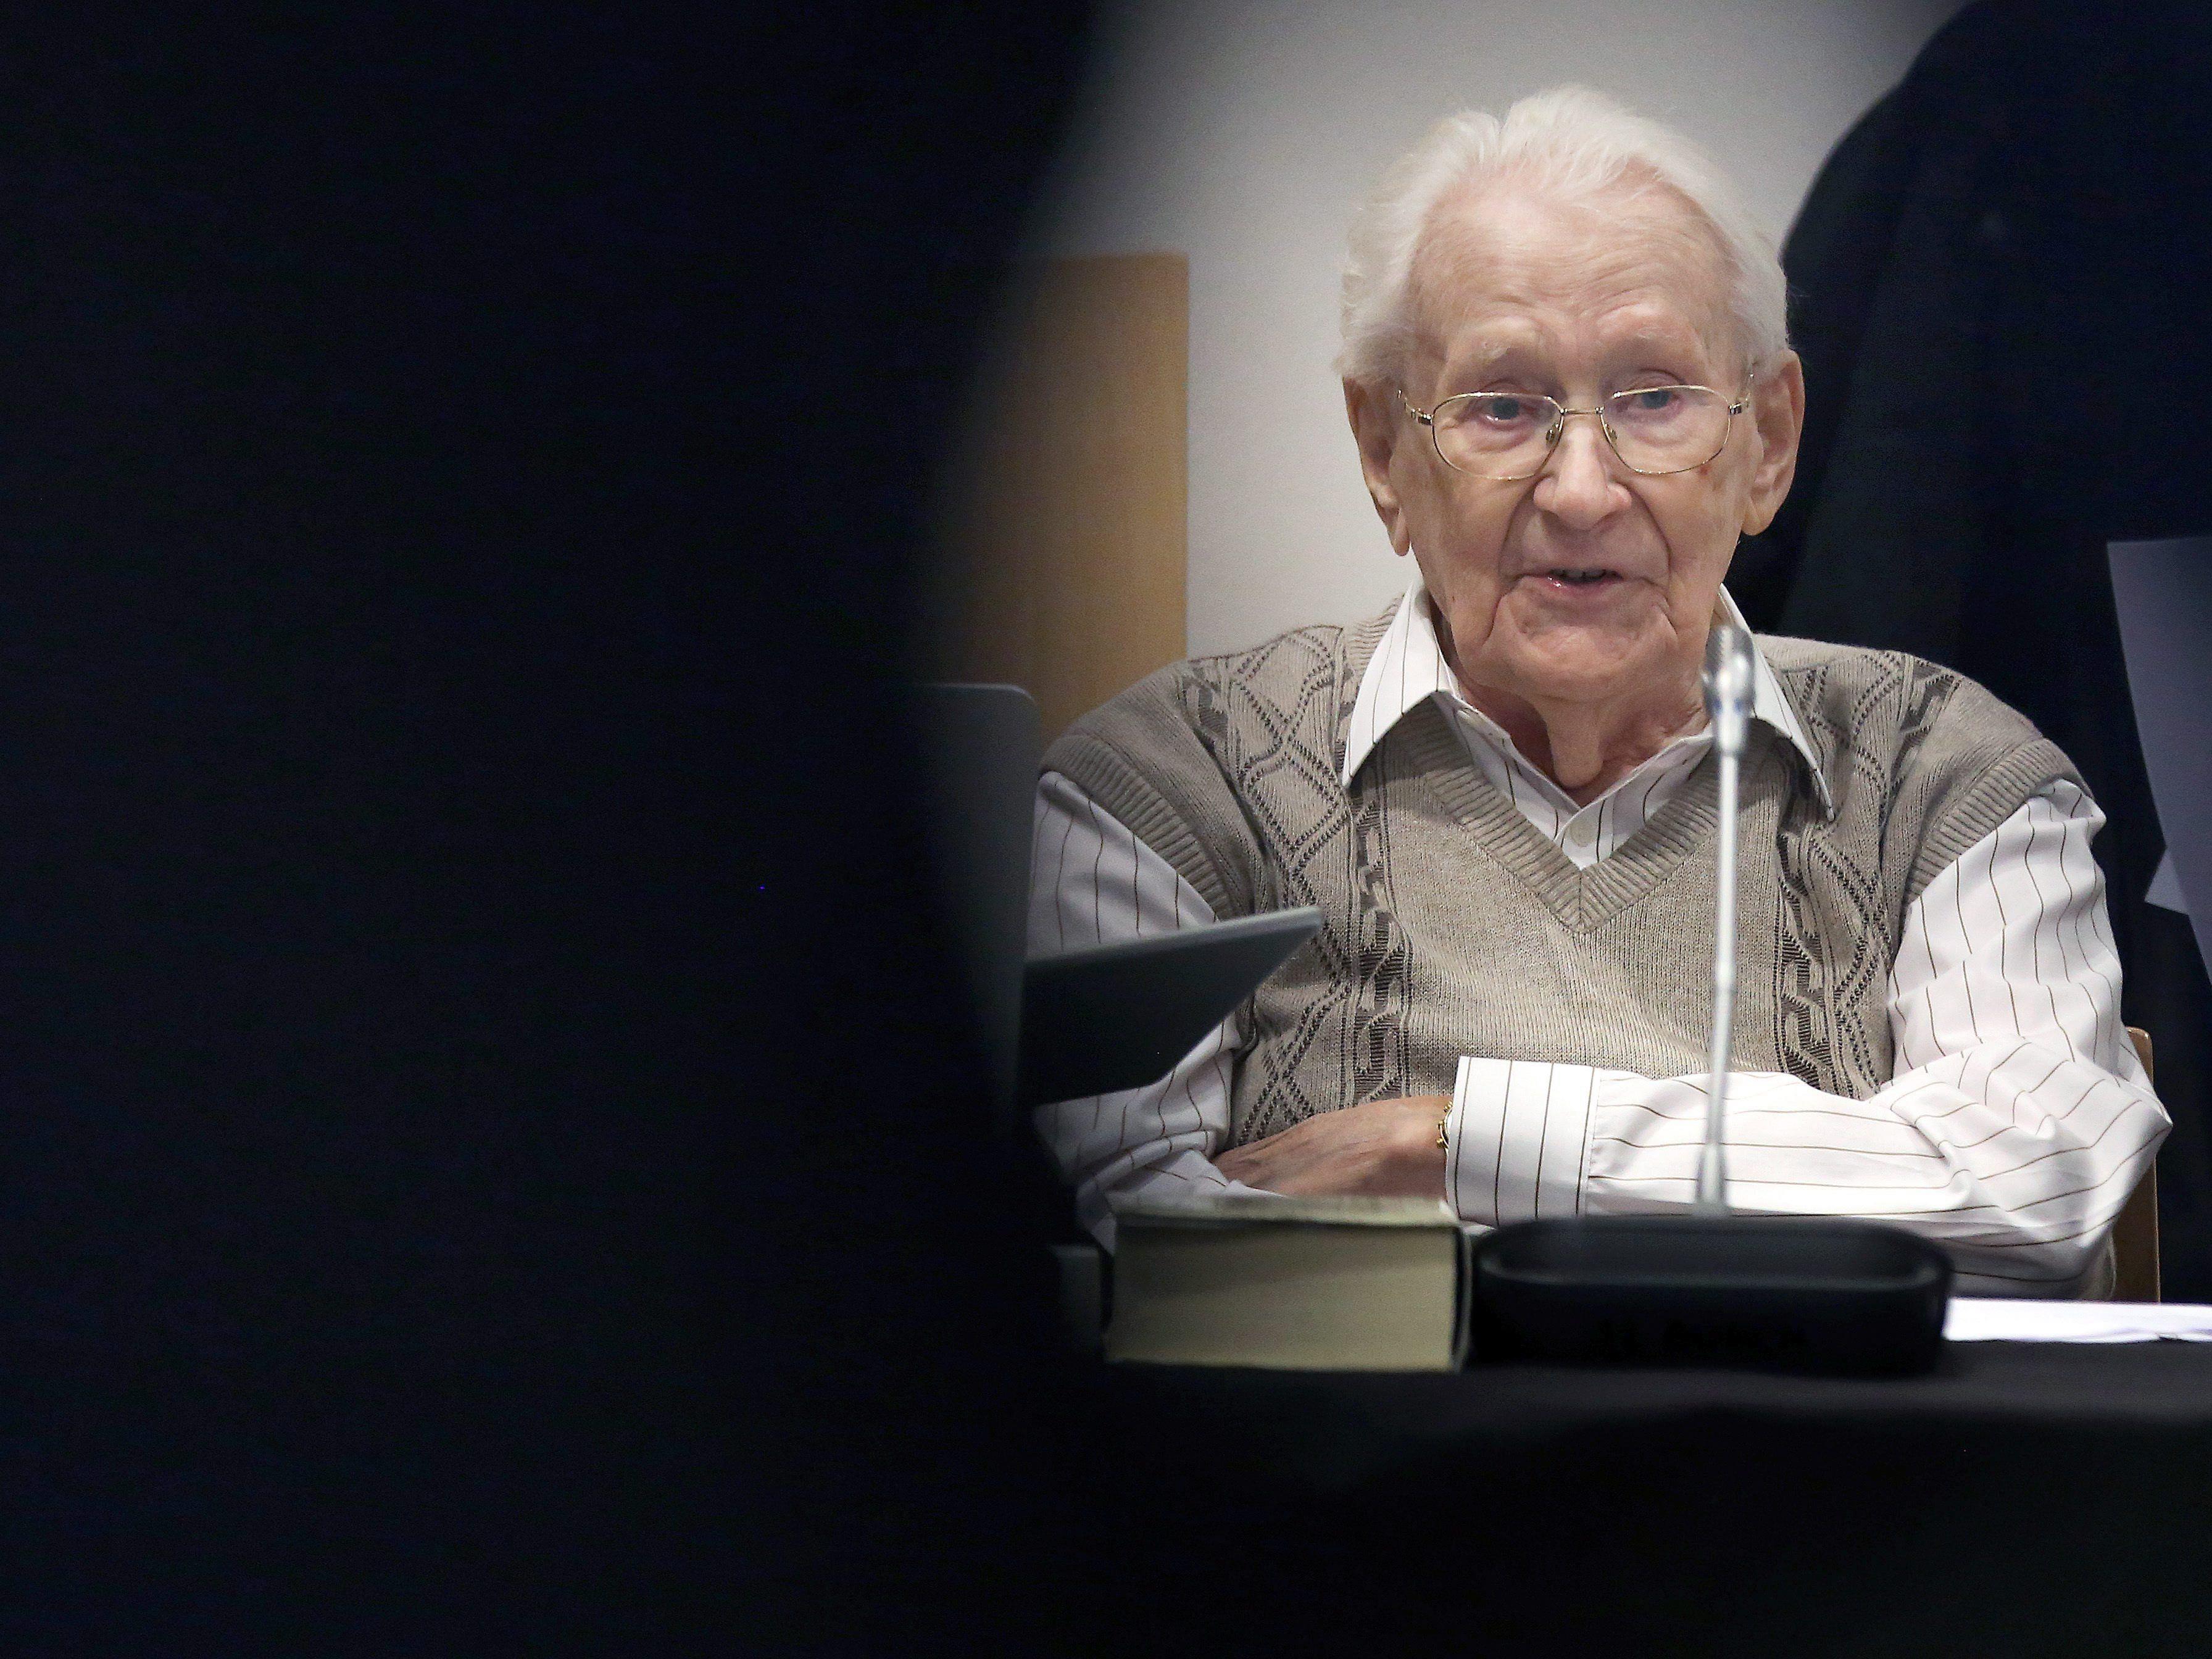 """Der """"Buchhalter von Auschwitz"""", Oskar Gröning, legte am Dienstag ein Geständnis ab."""